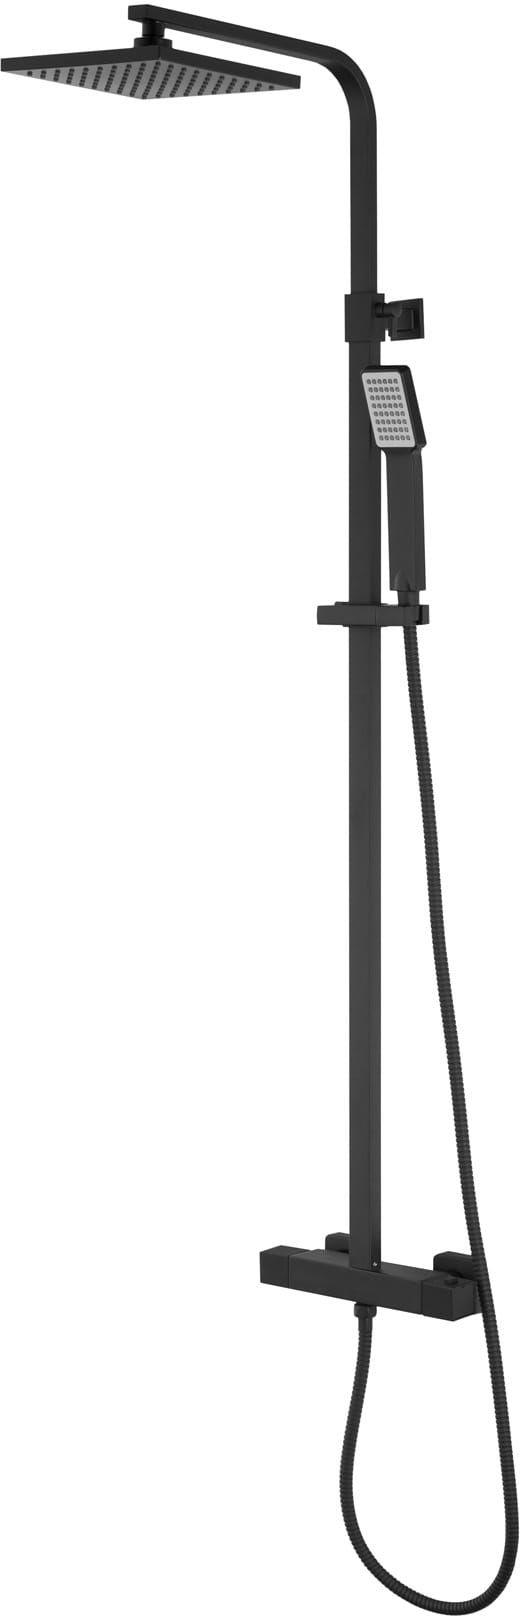 Corsan kolumna prysznicowa termostatyczna regulowana Ango czarna CMN019